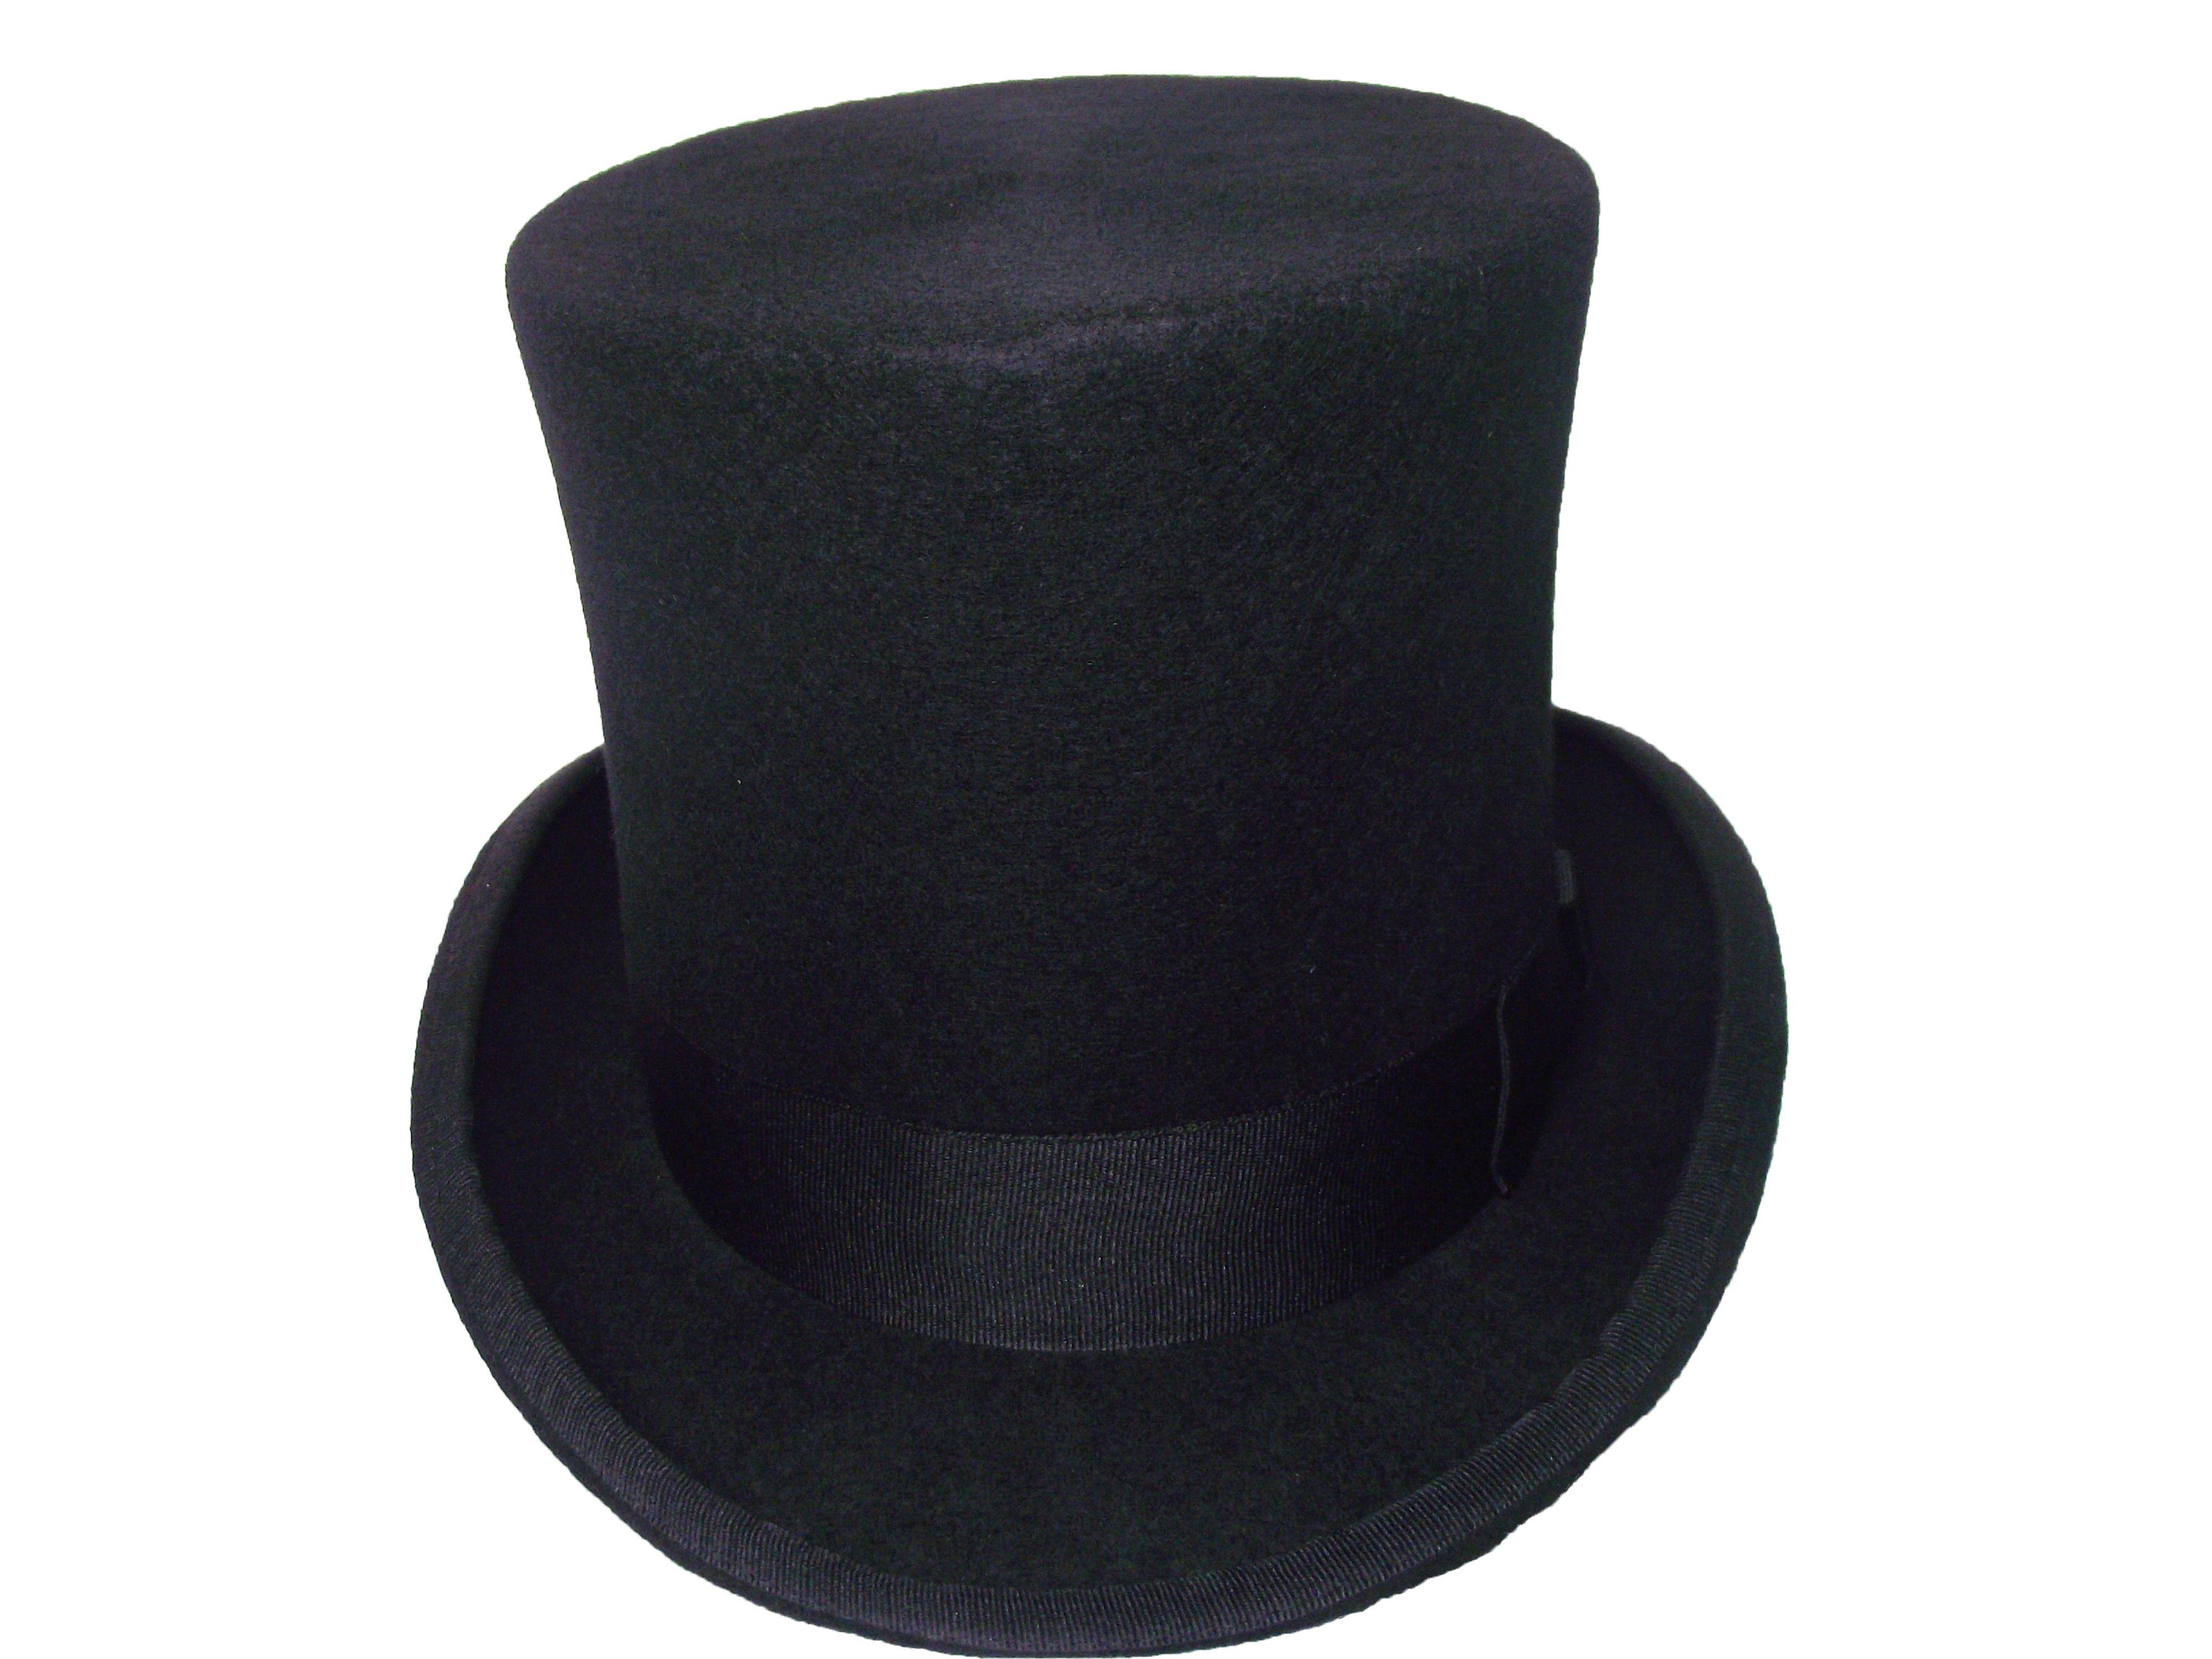 Compre Sombrero De Copa De Alta Calidad Negro Con 15cm Para Hombres Y Damas  Y Niños 6edac462c1b